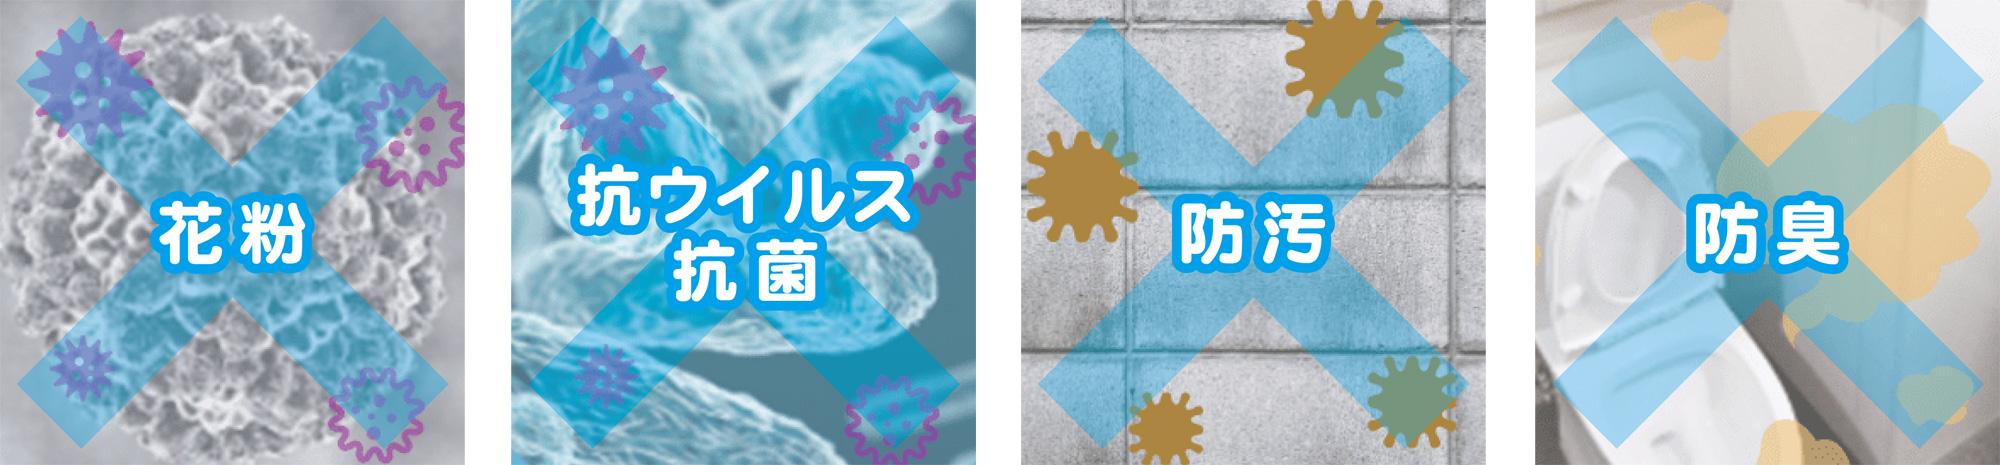 光触媒コーティングの花粉、抗ウイルス・抗菌効果